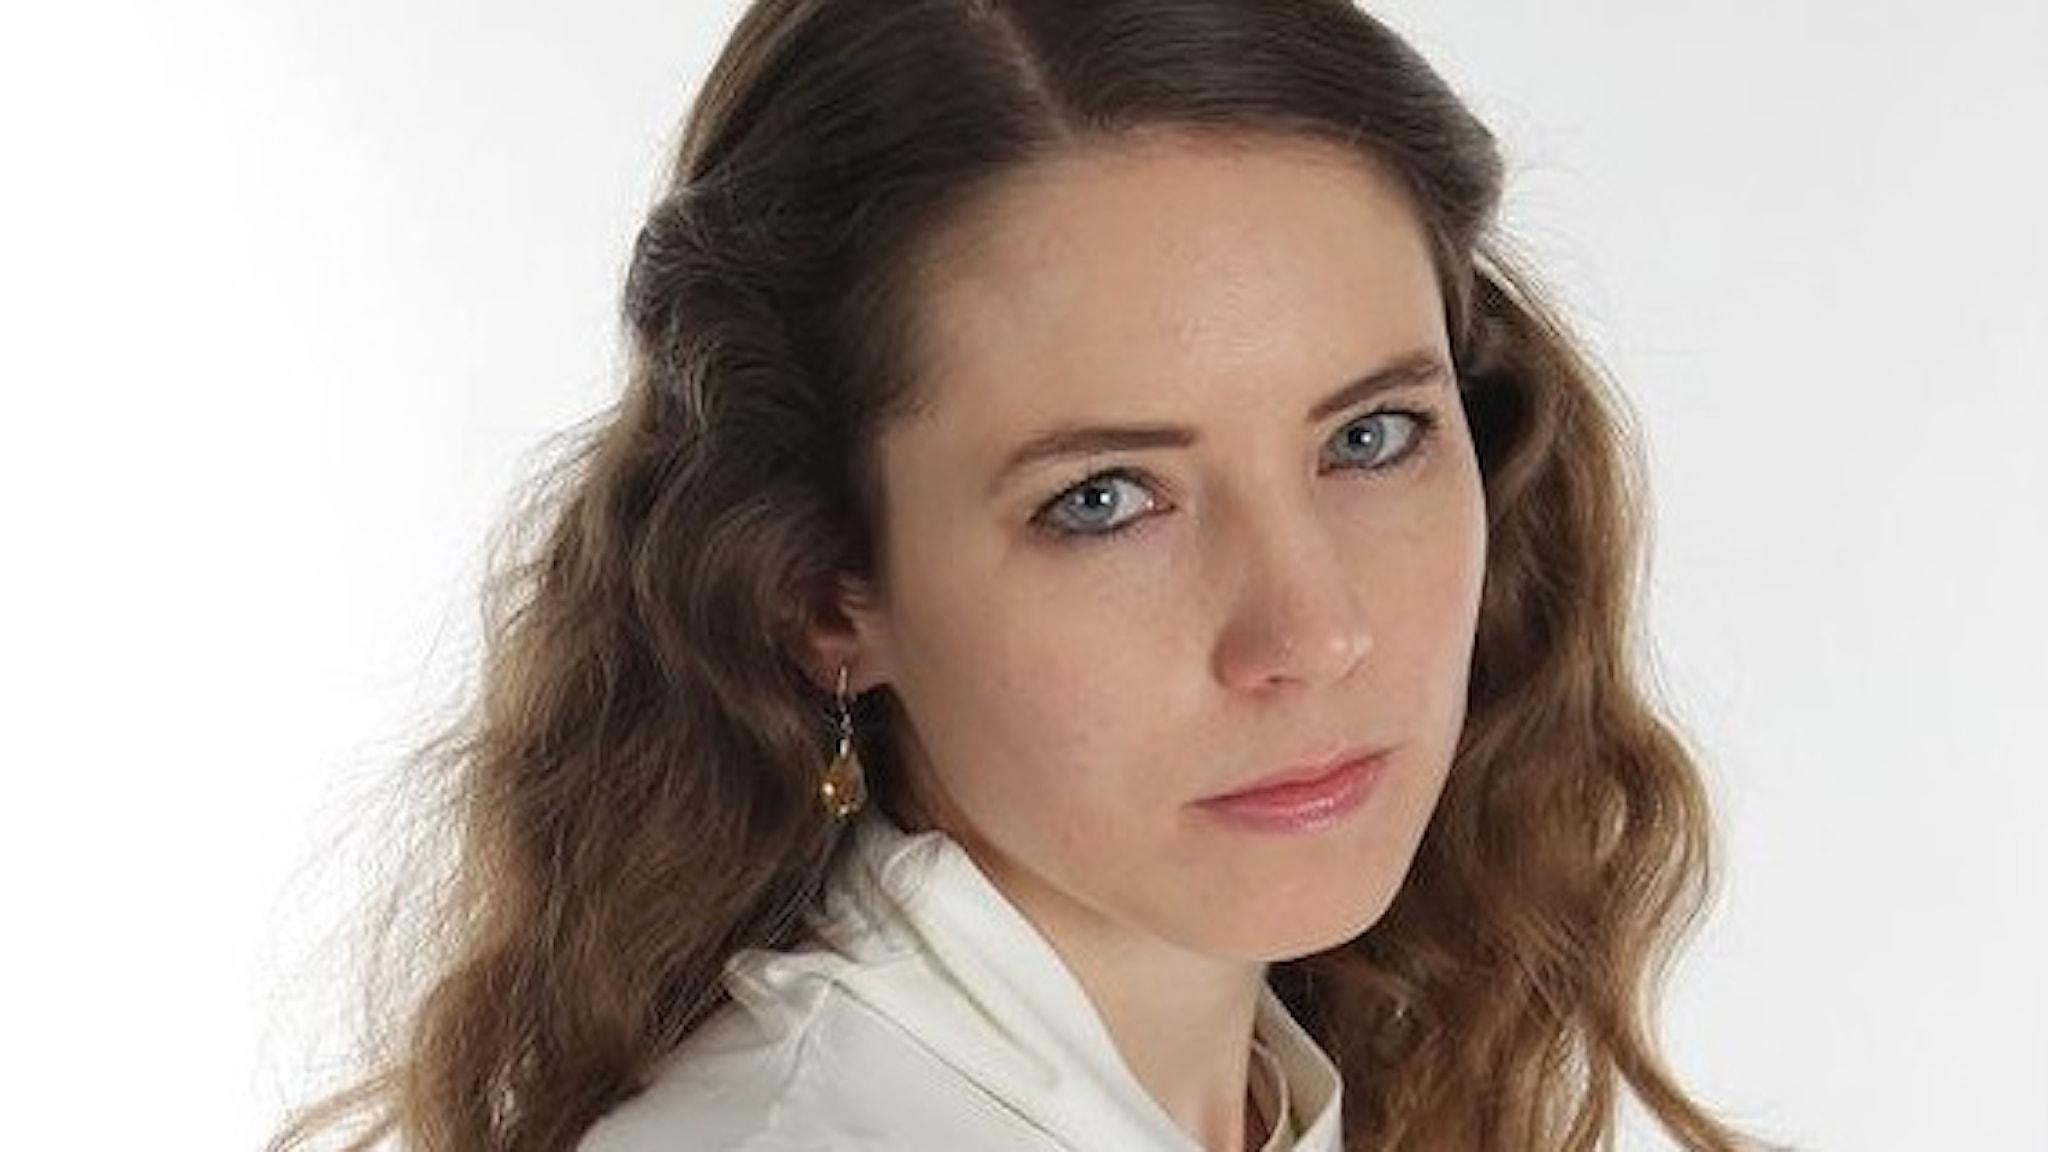 Marie Tonkin